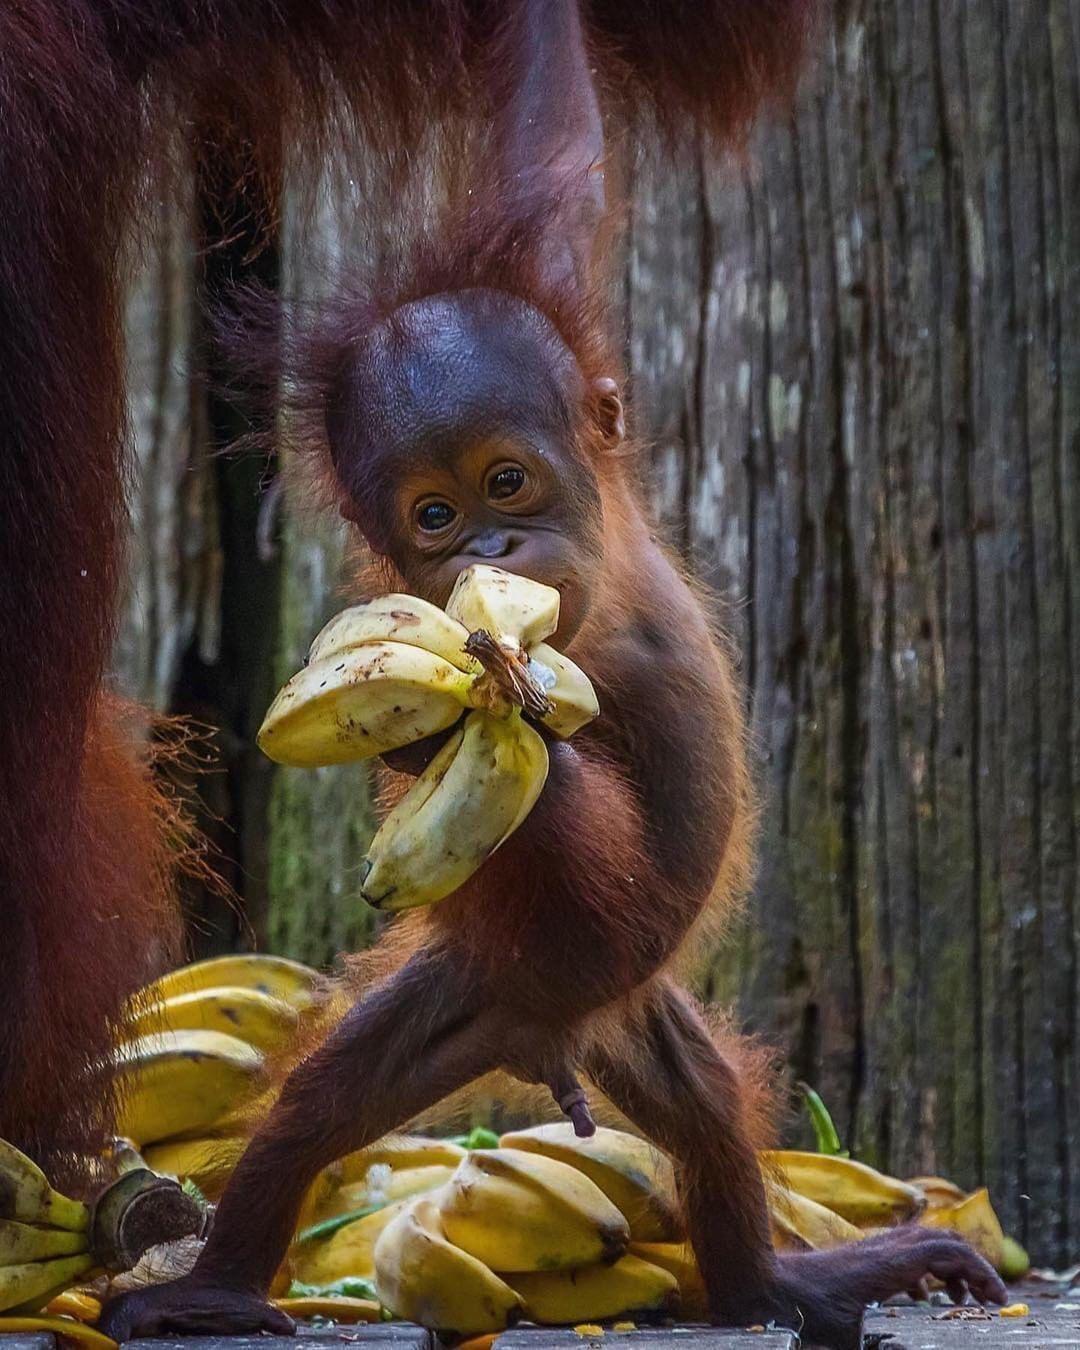 """Saepio Bodycare auf Instagram: """"Ein entzückender Orang-Utan-Baby, der in Borneo im Sepilok Orang-Utan-Rehabilitationszentrum lebt. ⠀ reposte @thefaceofearth ⠀ .⠀ .⠀ .⠀ .⠀ .⠀… """" -  Darüber detailliert Informationen hier für wild animals  Im Web wenn Sie suchen mehr Saepio Bodyc - #auf #bathandbody #bodycare #bodyscrubs #Borneo #der #ein #entzückender #fragrance #Instagram #lebt #lipscrubs #naturalsoaps #OrangUtanBaby #OrangUtanRehabilitationszentrum #reposte #Saepio #Sepilok #thefaceofearth"""